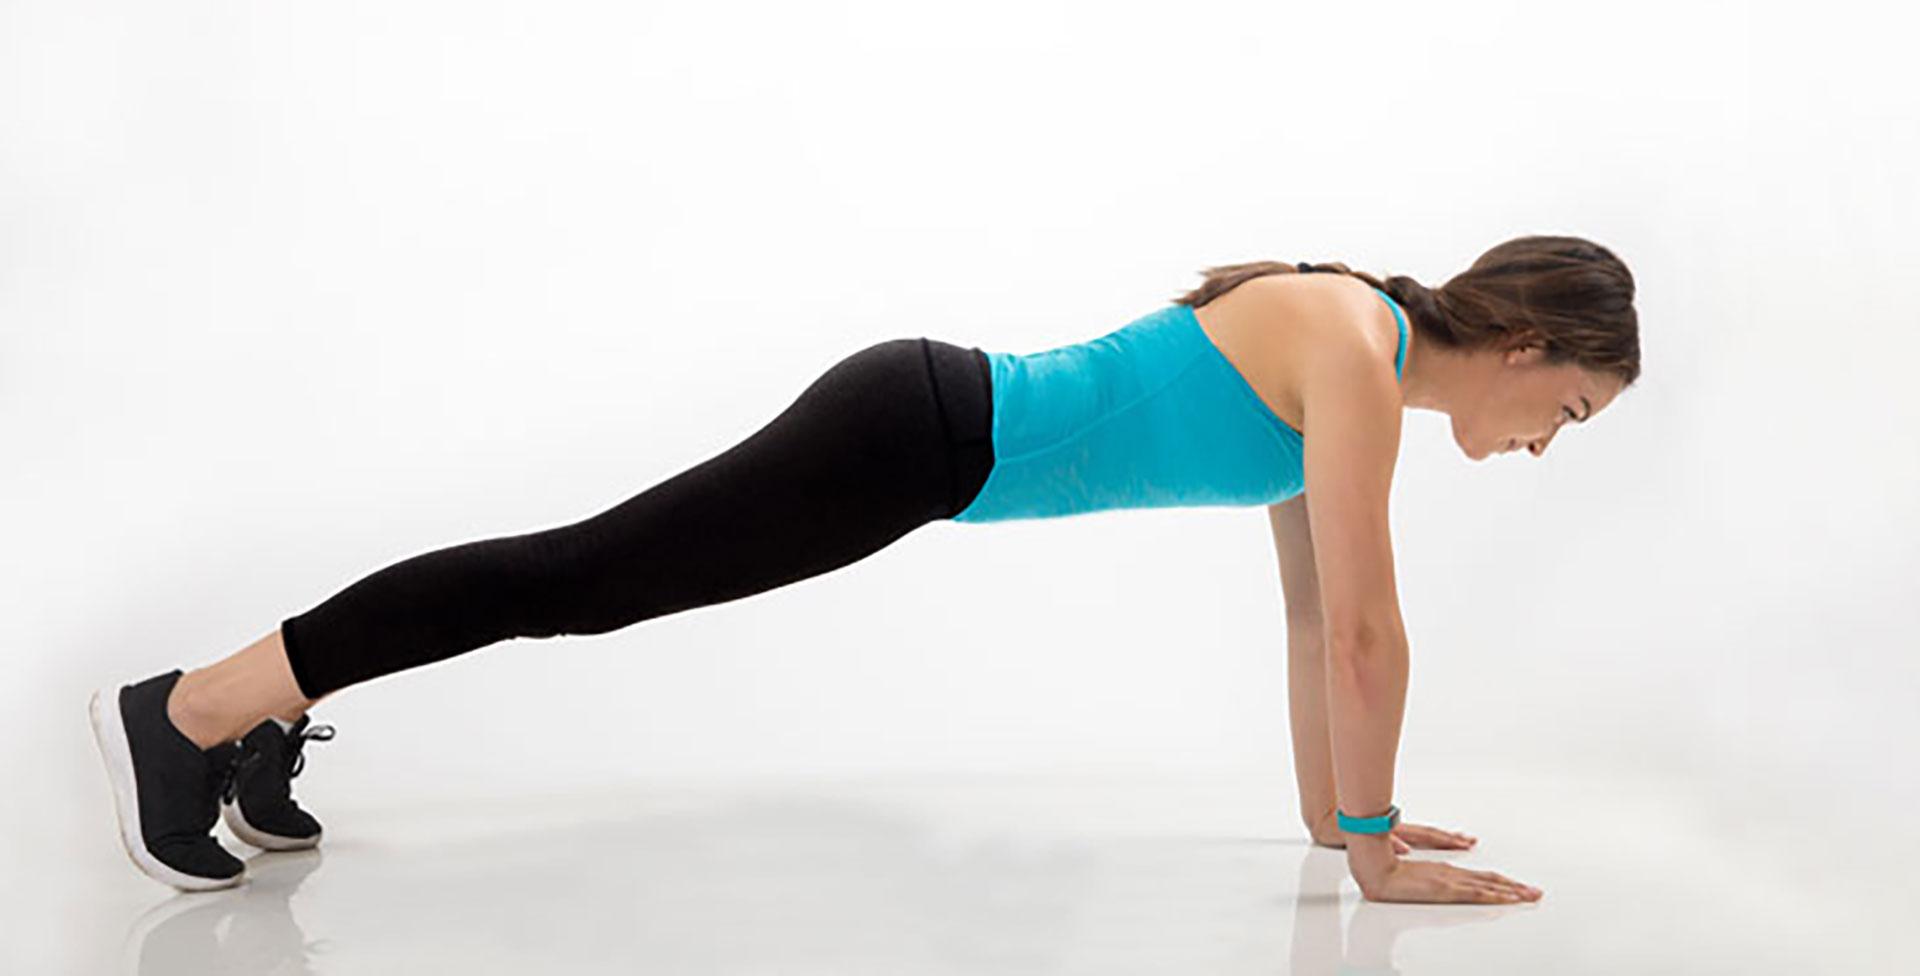 Plank là gì? Làm thế nào để tập plank đúng cách và hiệu quả nhất